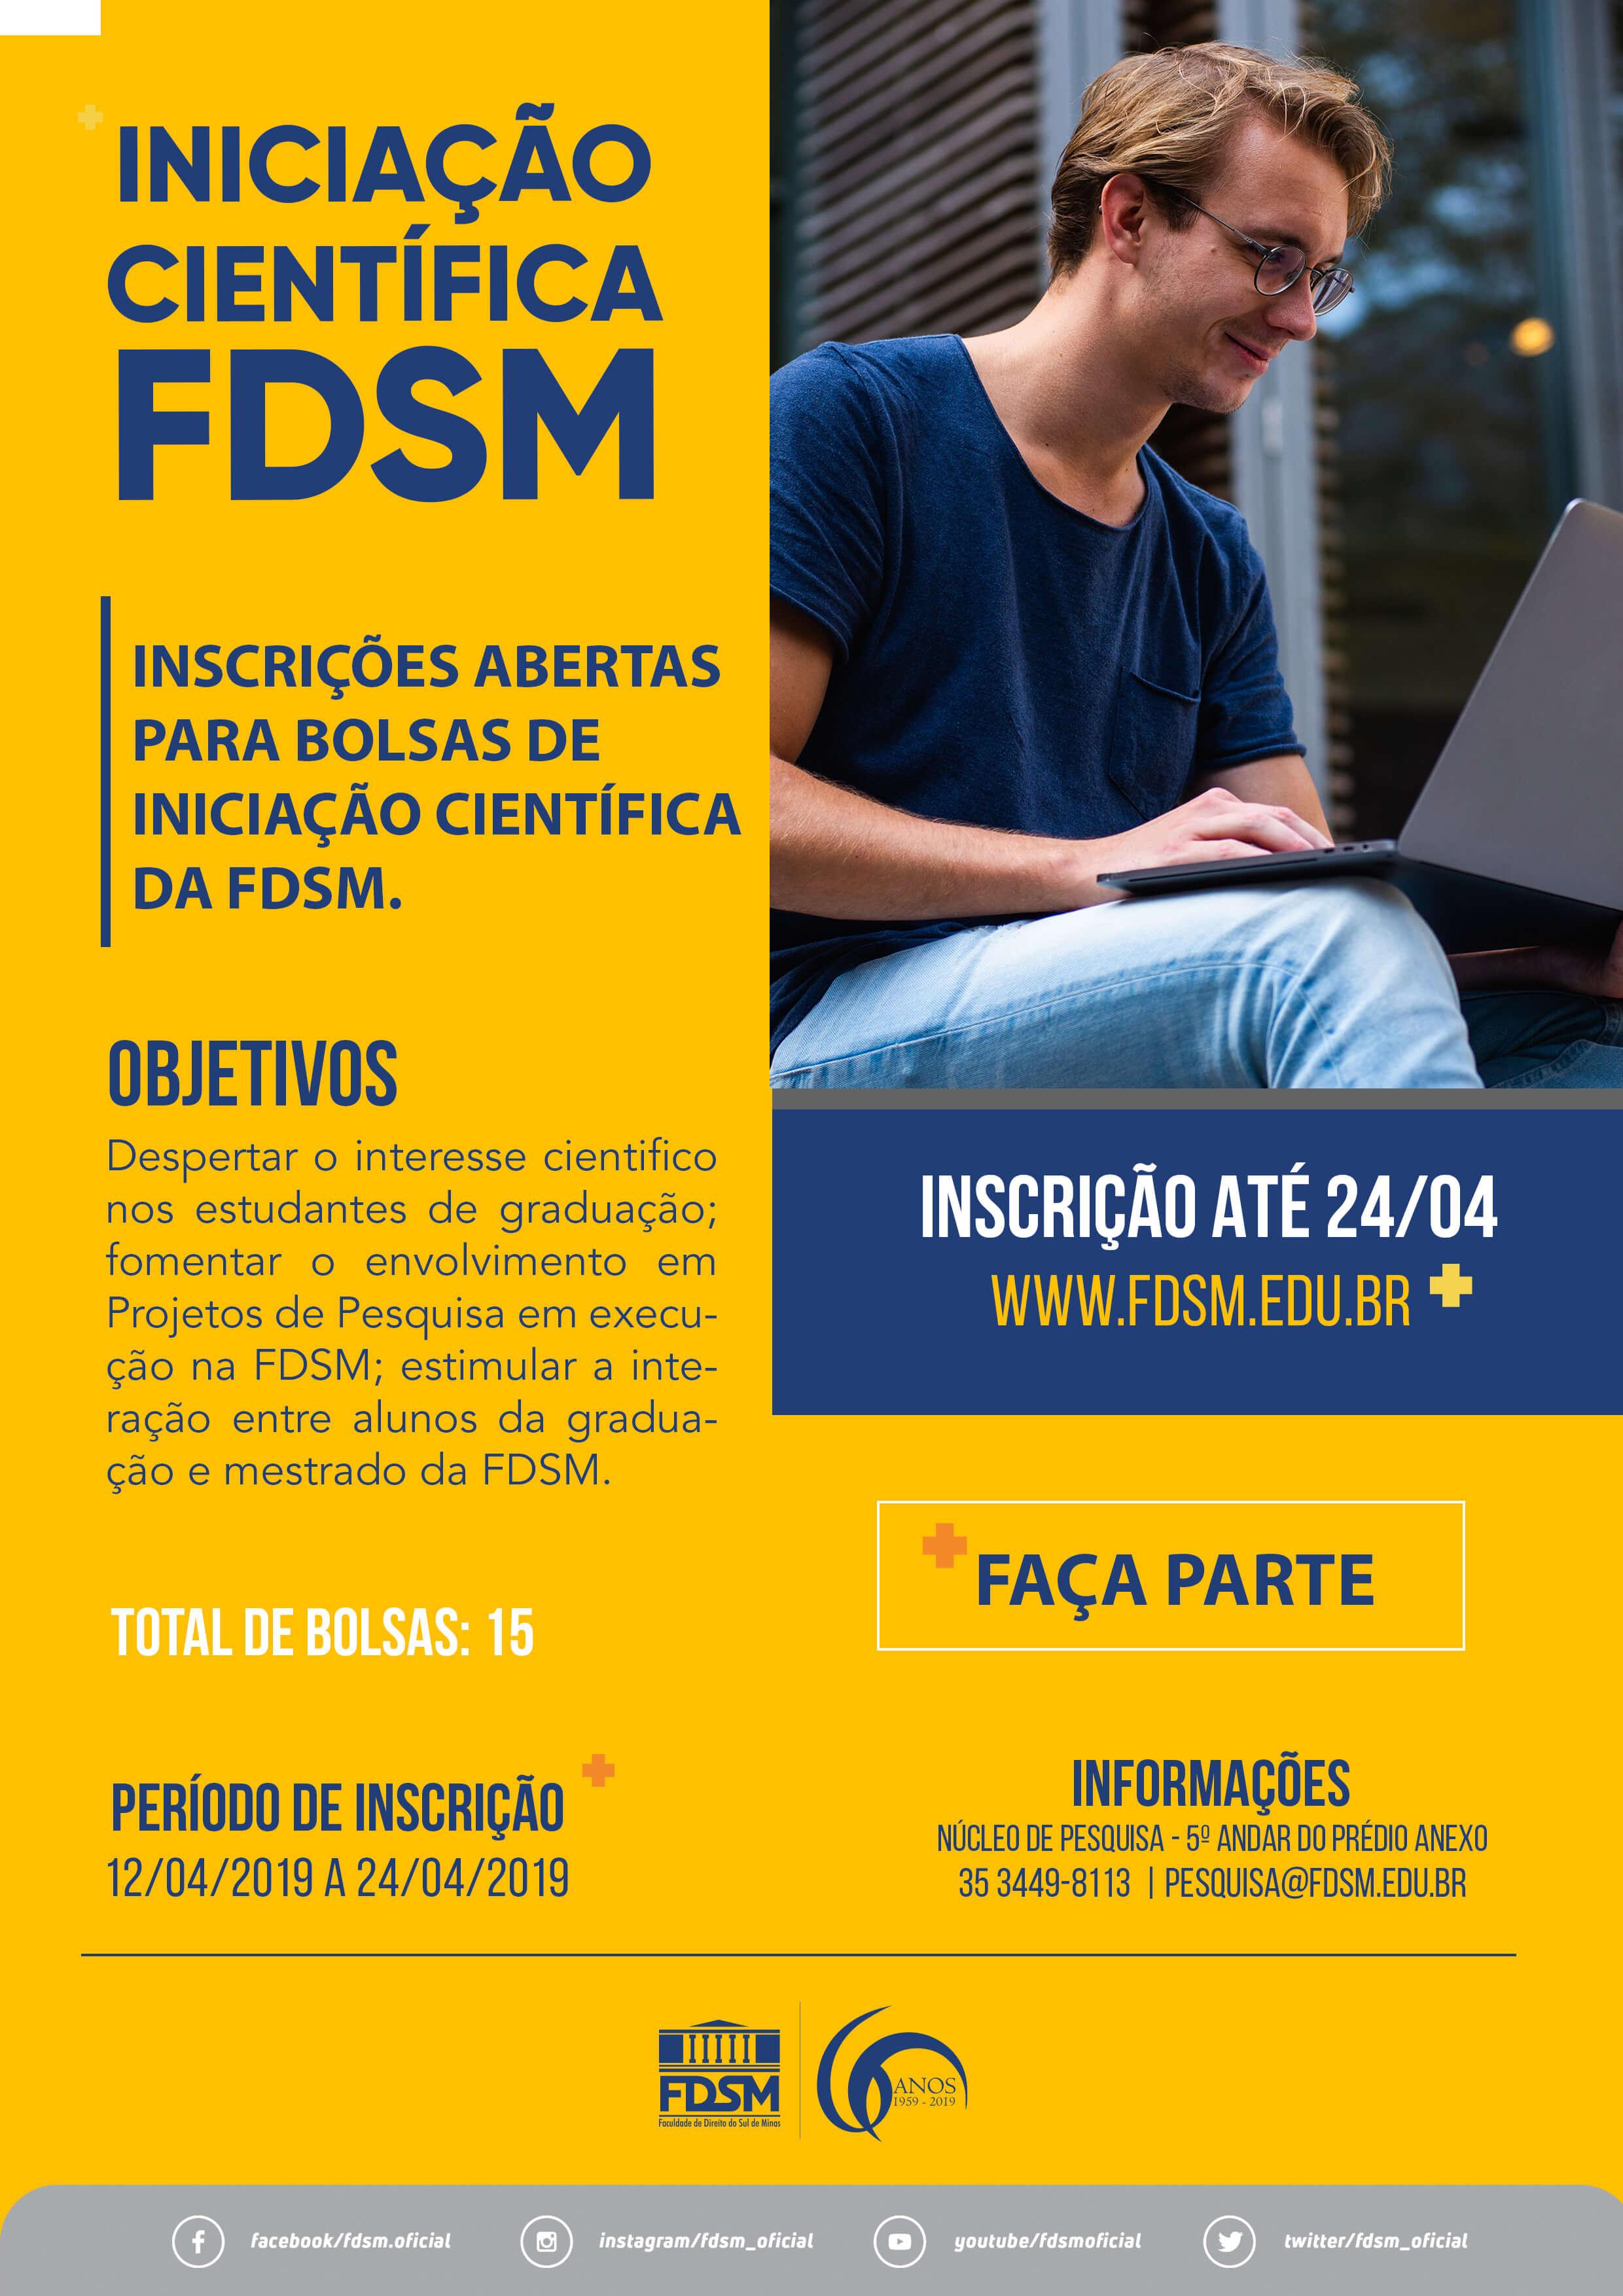 Processo Seletivo para Bolsas de Iniciação Científica FDSM